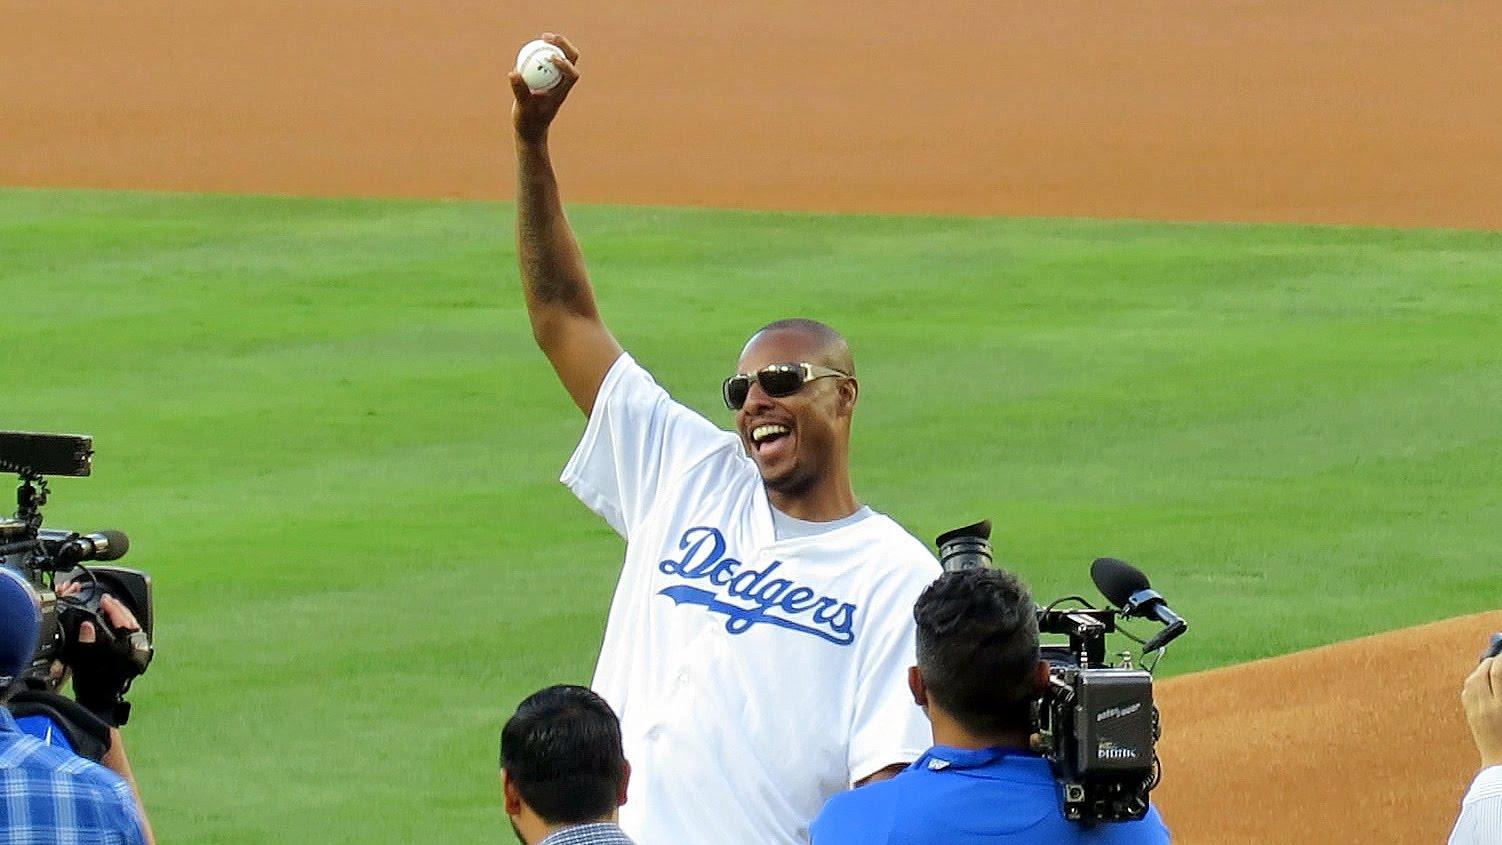 Baseball: Paul Pierce chahut� par les fans des Dodgers apr�s un premier lancer foir�